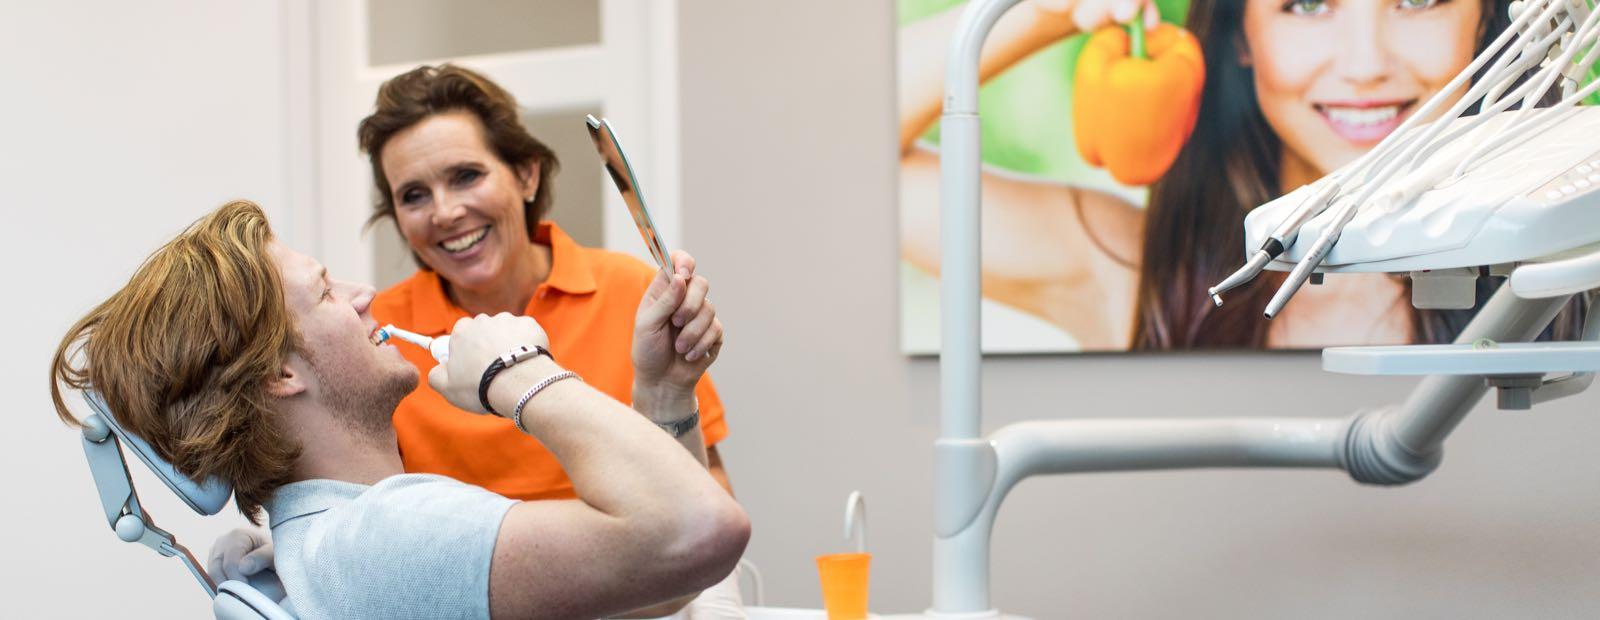 mondhygienist